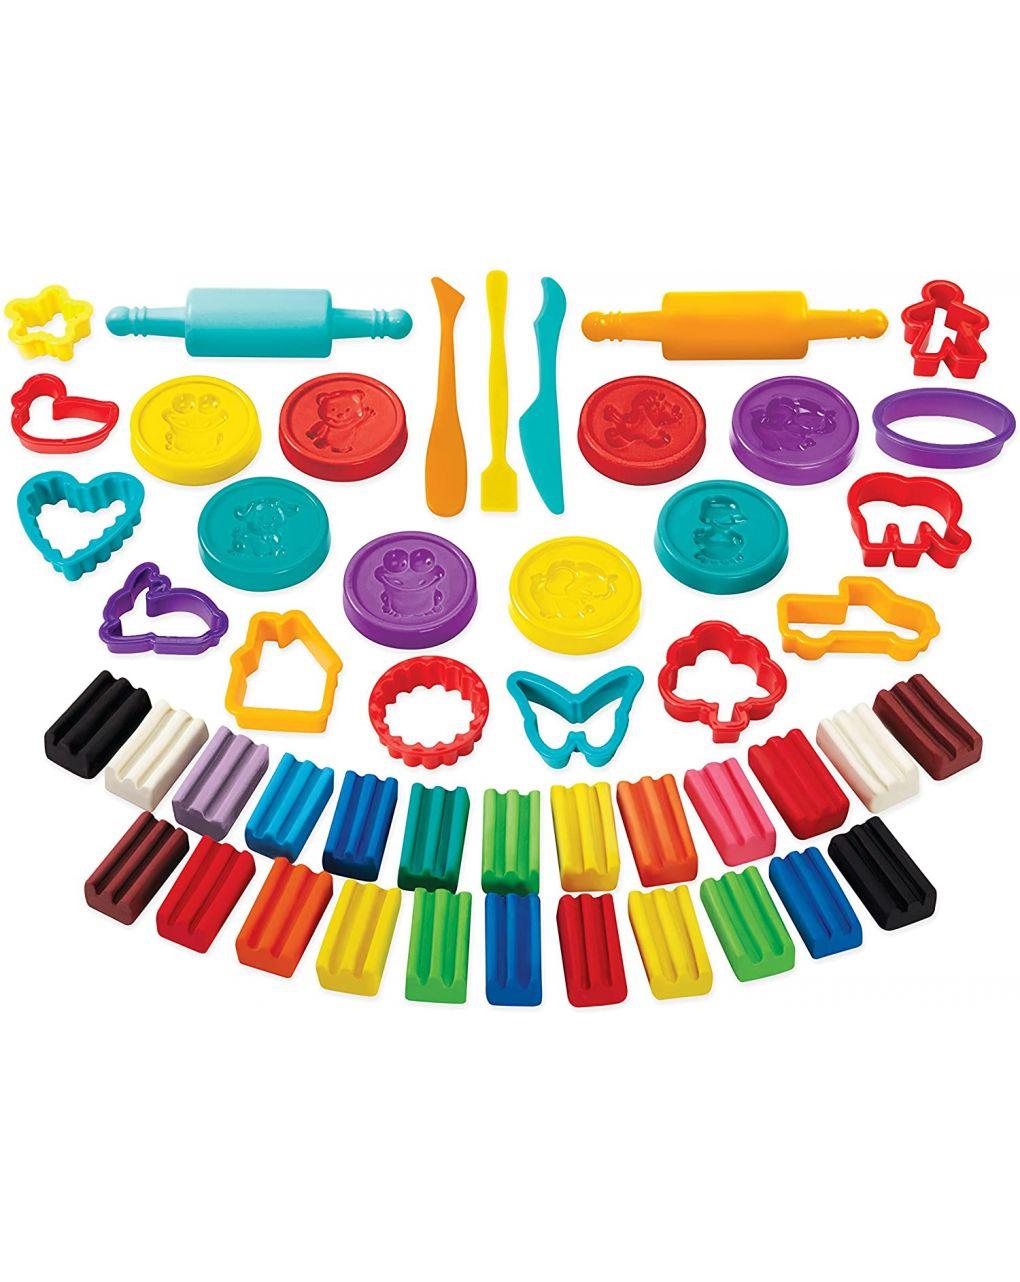 Crayola - set crea & modella 50 pz - Crayola